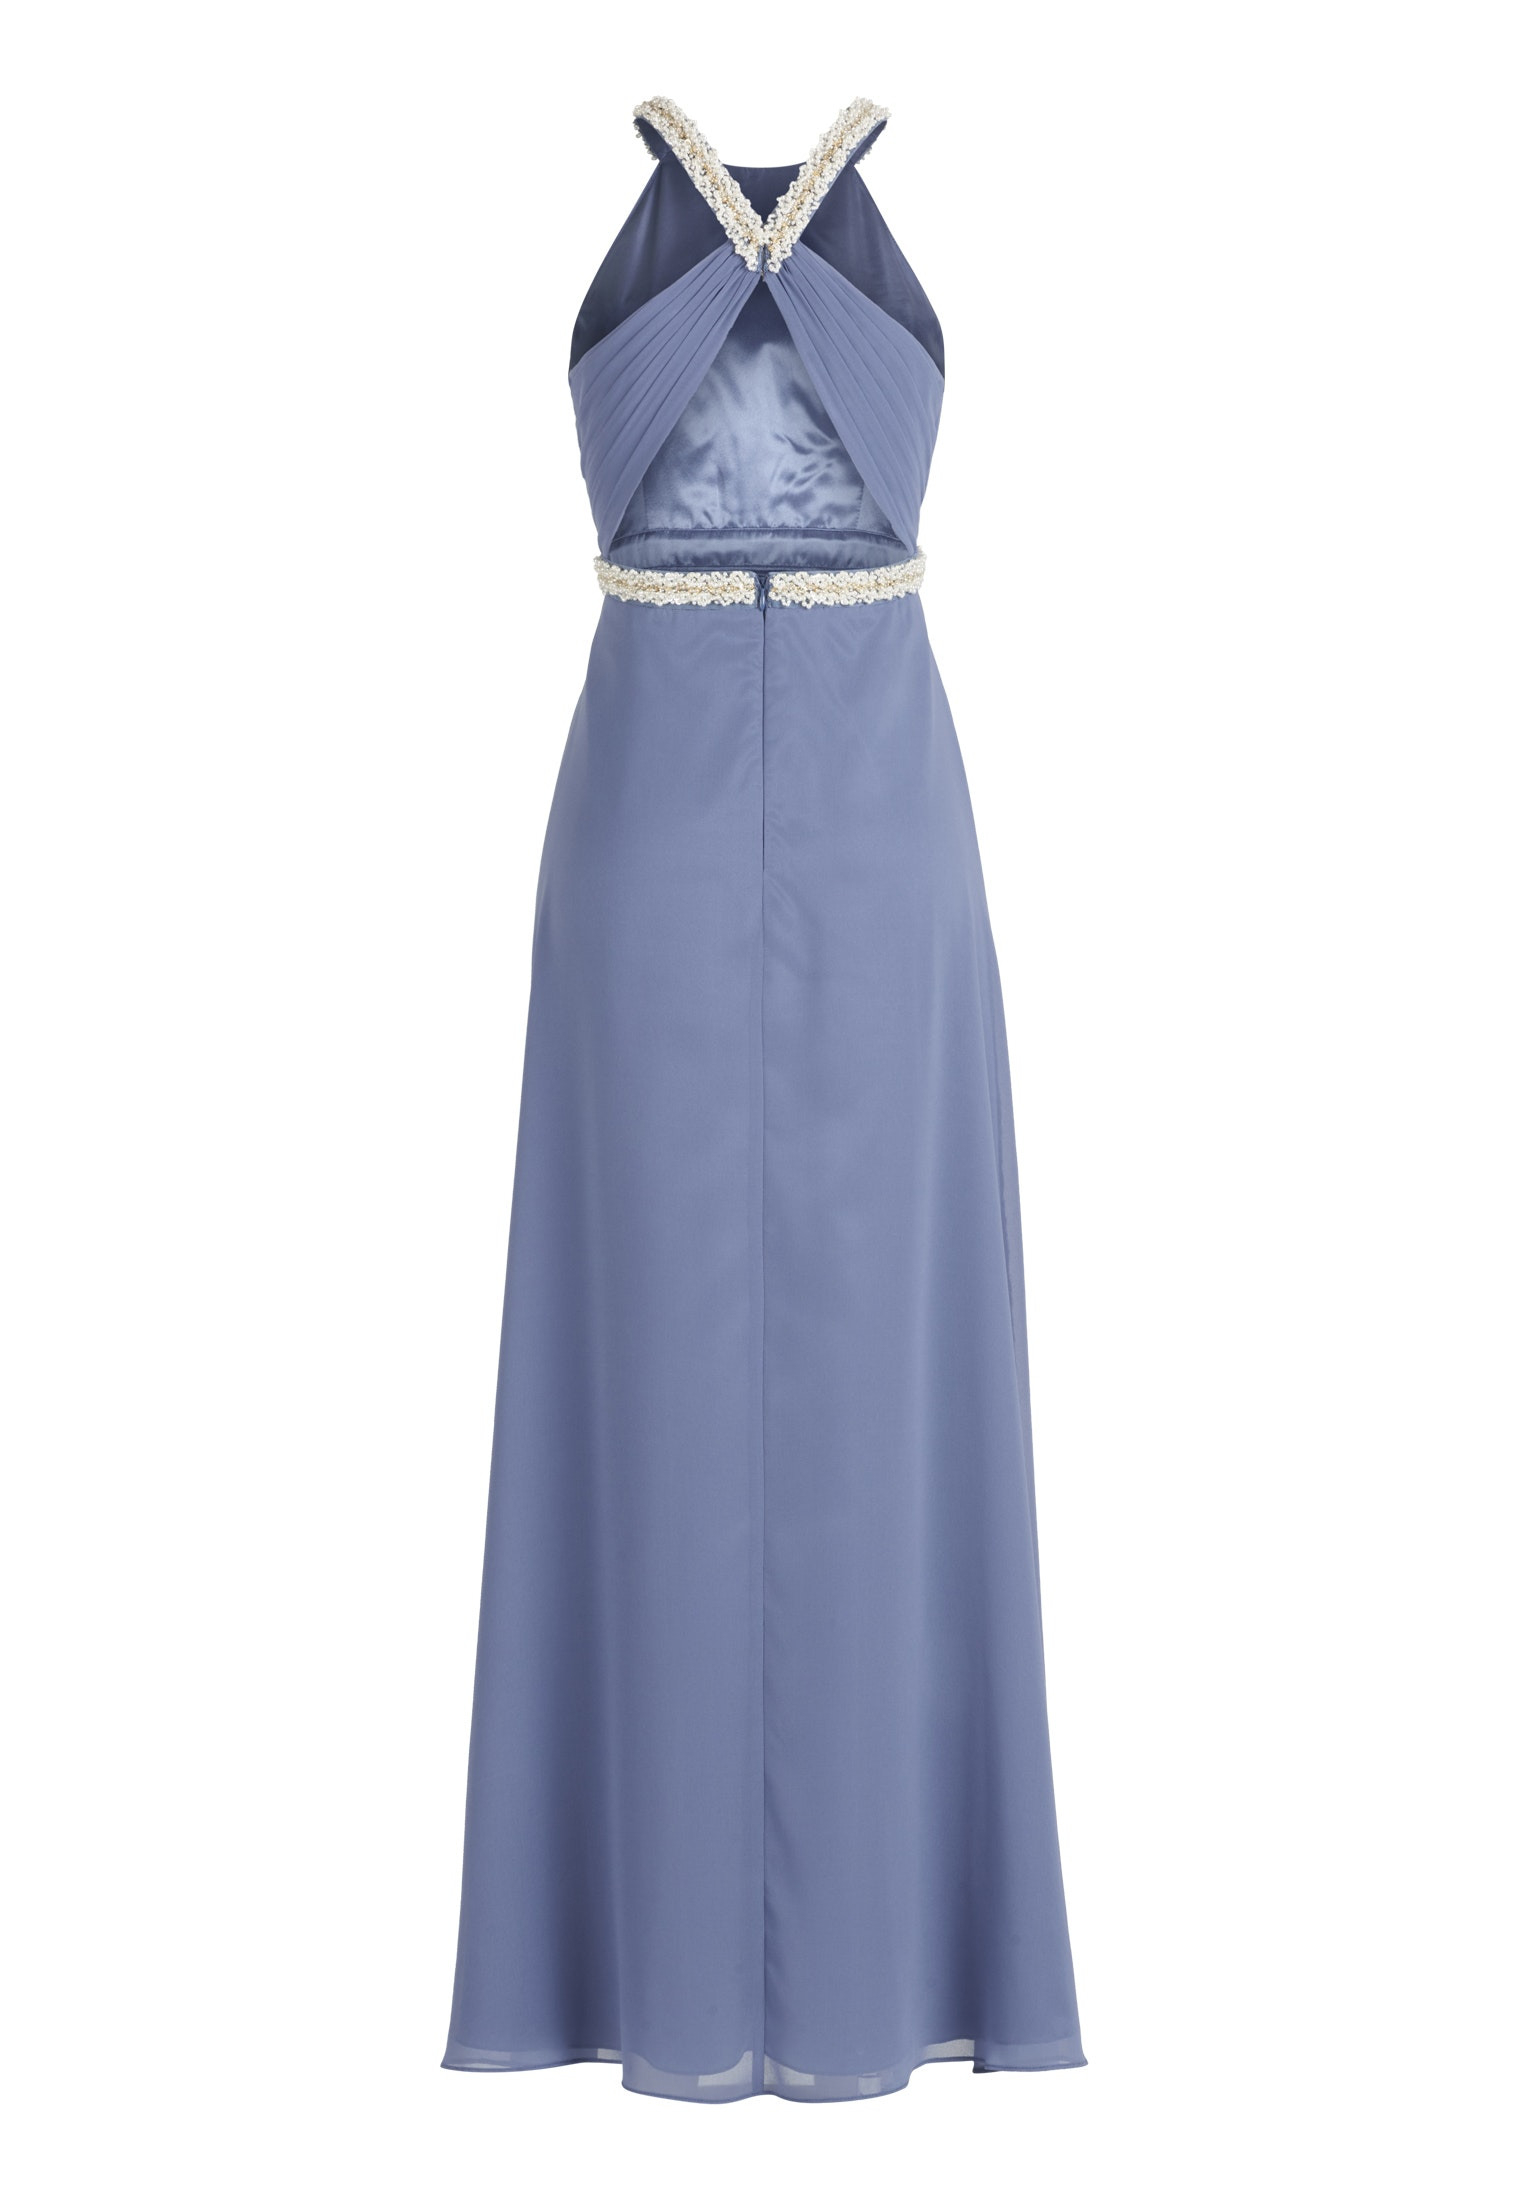 designer schön vera mont abendkleid blau design - abendkleid